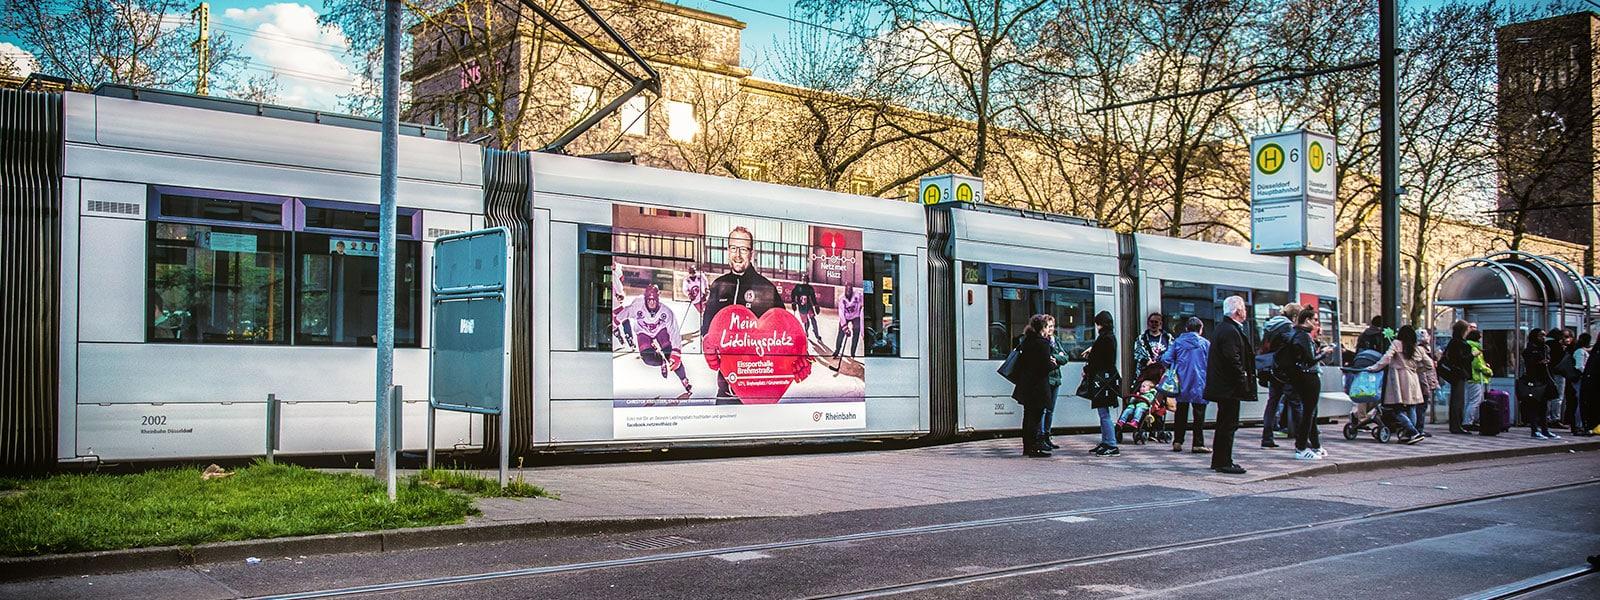 Remscheid-Verkehrsmittelwerbung-Bahn-Traffic-Board